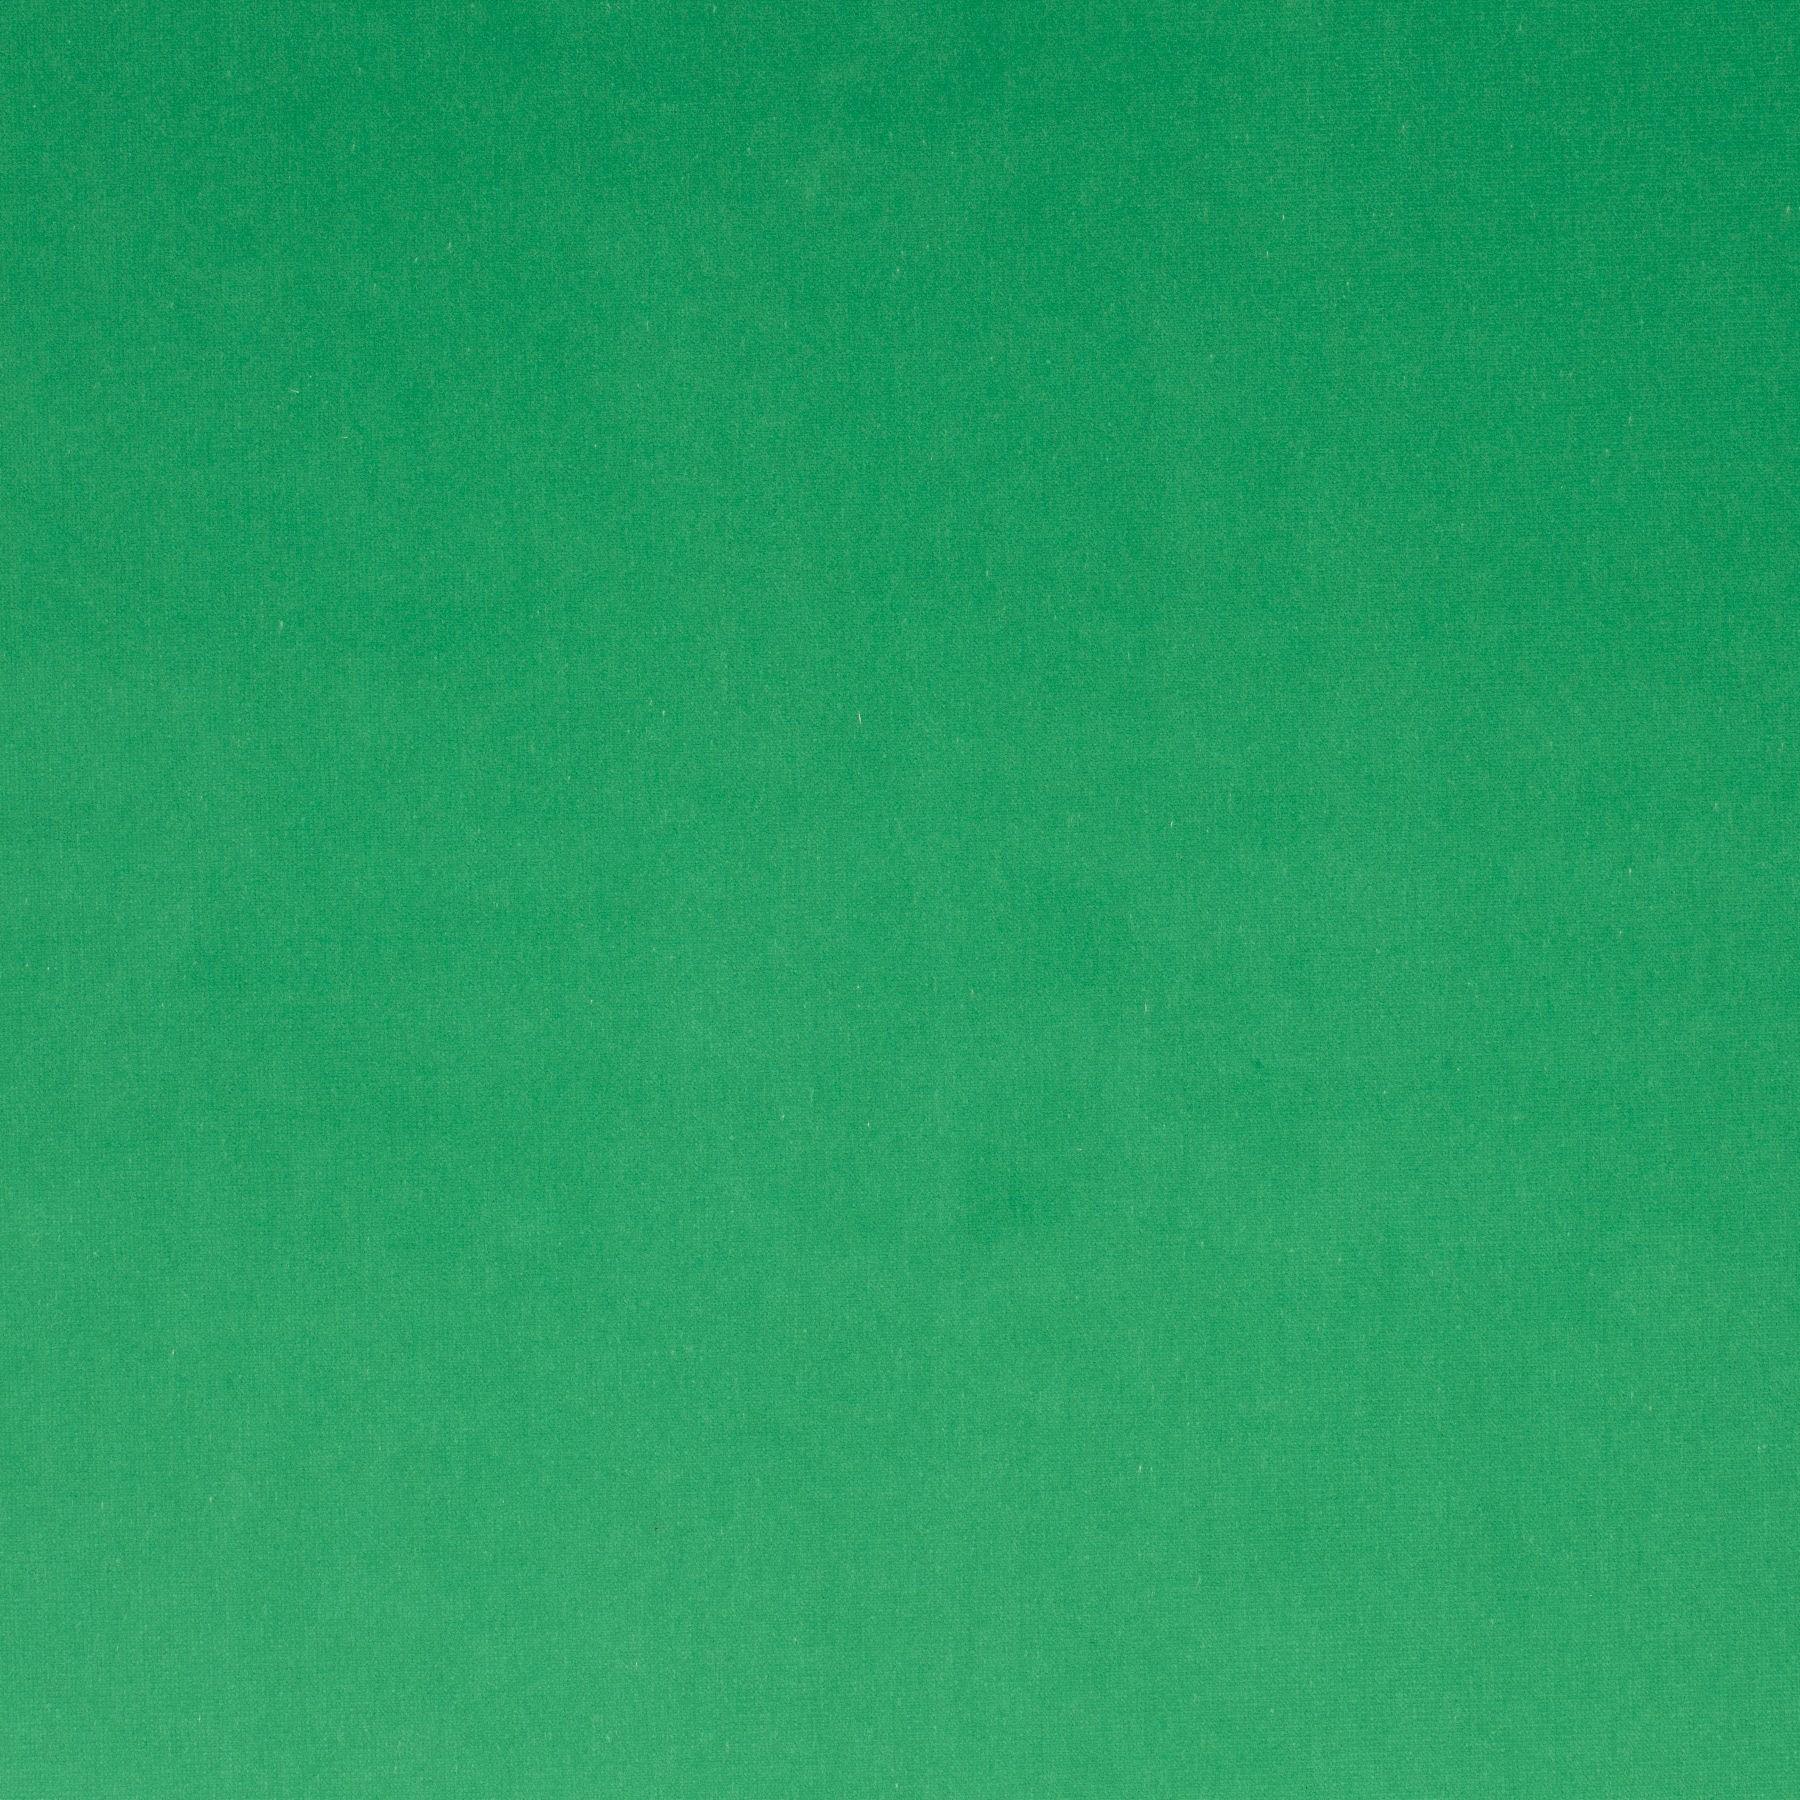 upholstery fabric the colour velvet vol 3 ch1912 131 jab anstoetz